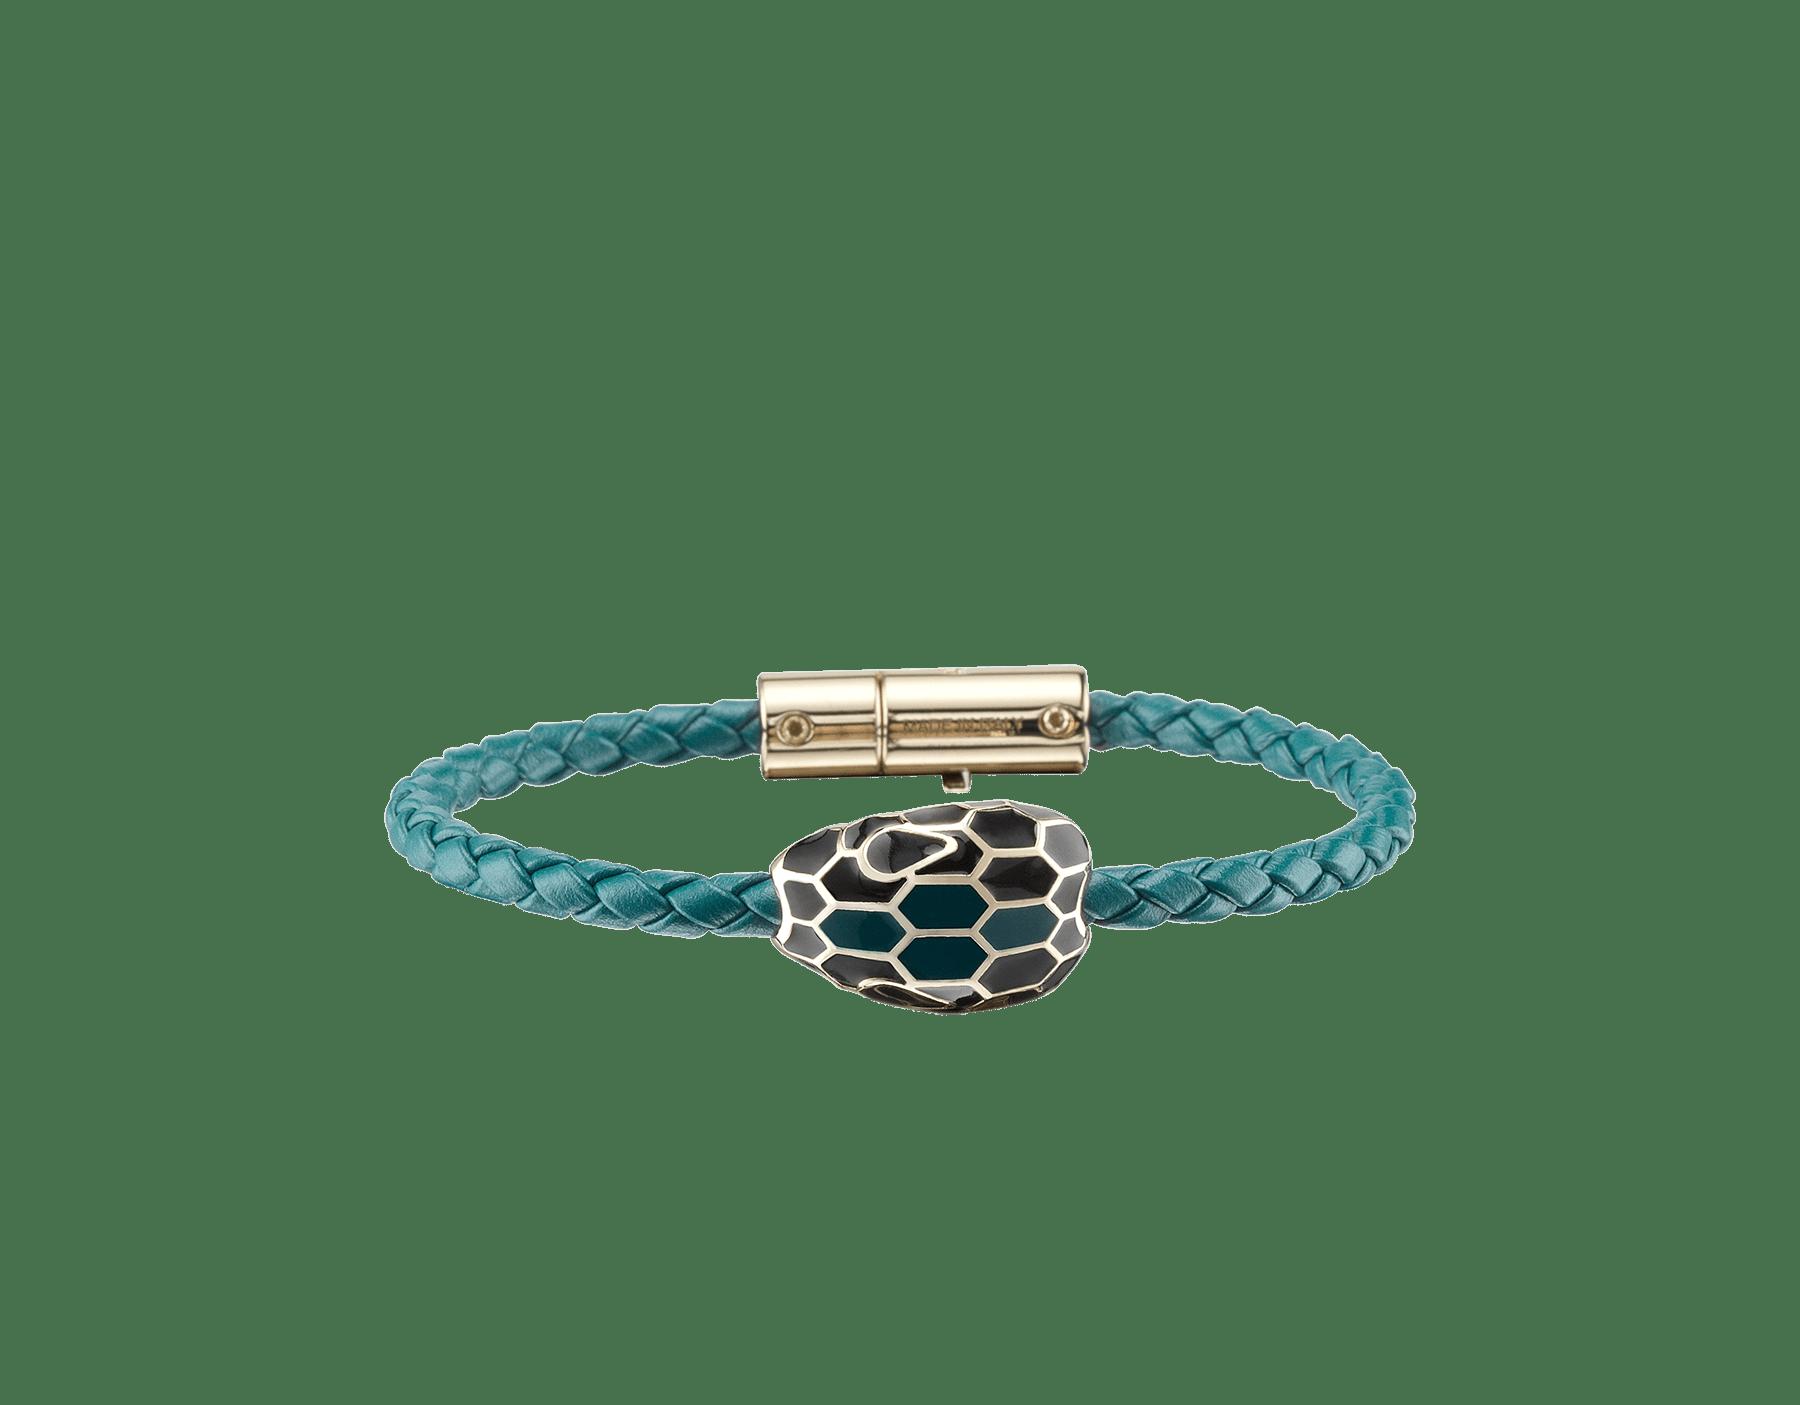 Bracelet tressé Serpenti Forever en cuir de veau tressé couleur Deep Jade avec motif Serpenti emblématique en émail noir et couleur Deep Jade. 288314 image 1